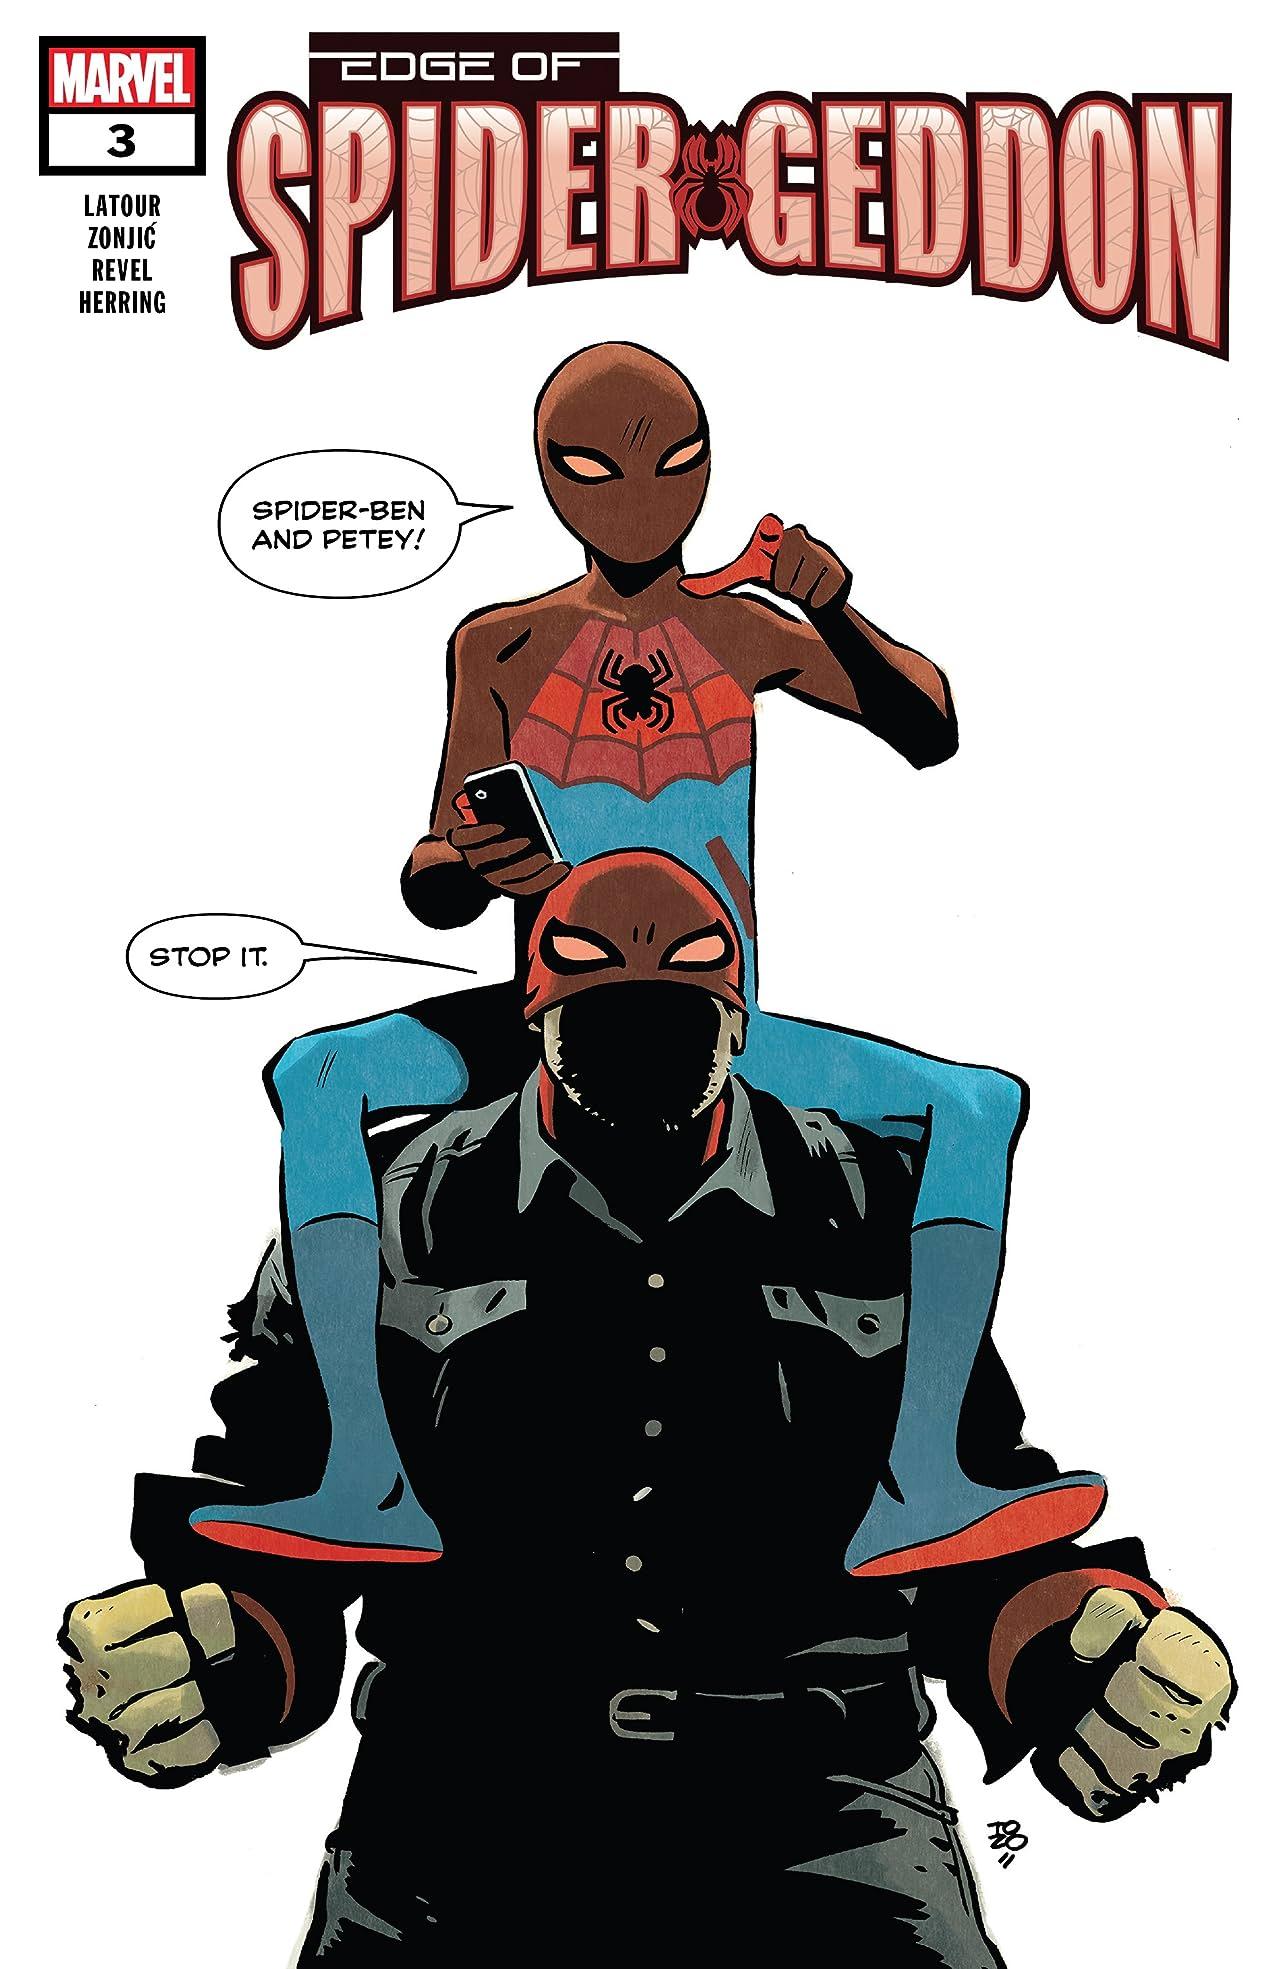 Edge of Spider-Geddon (2018) No.3 (sur 4)